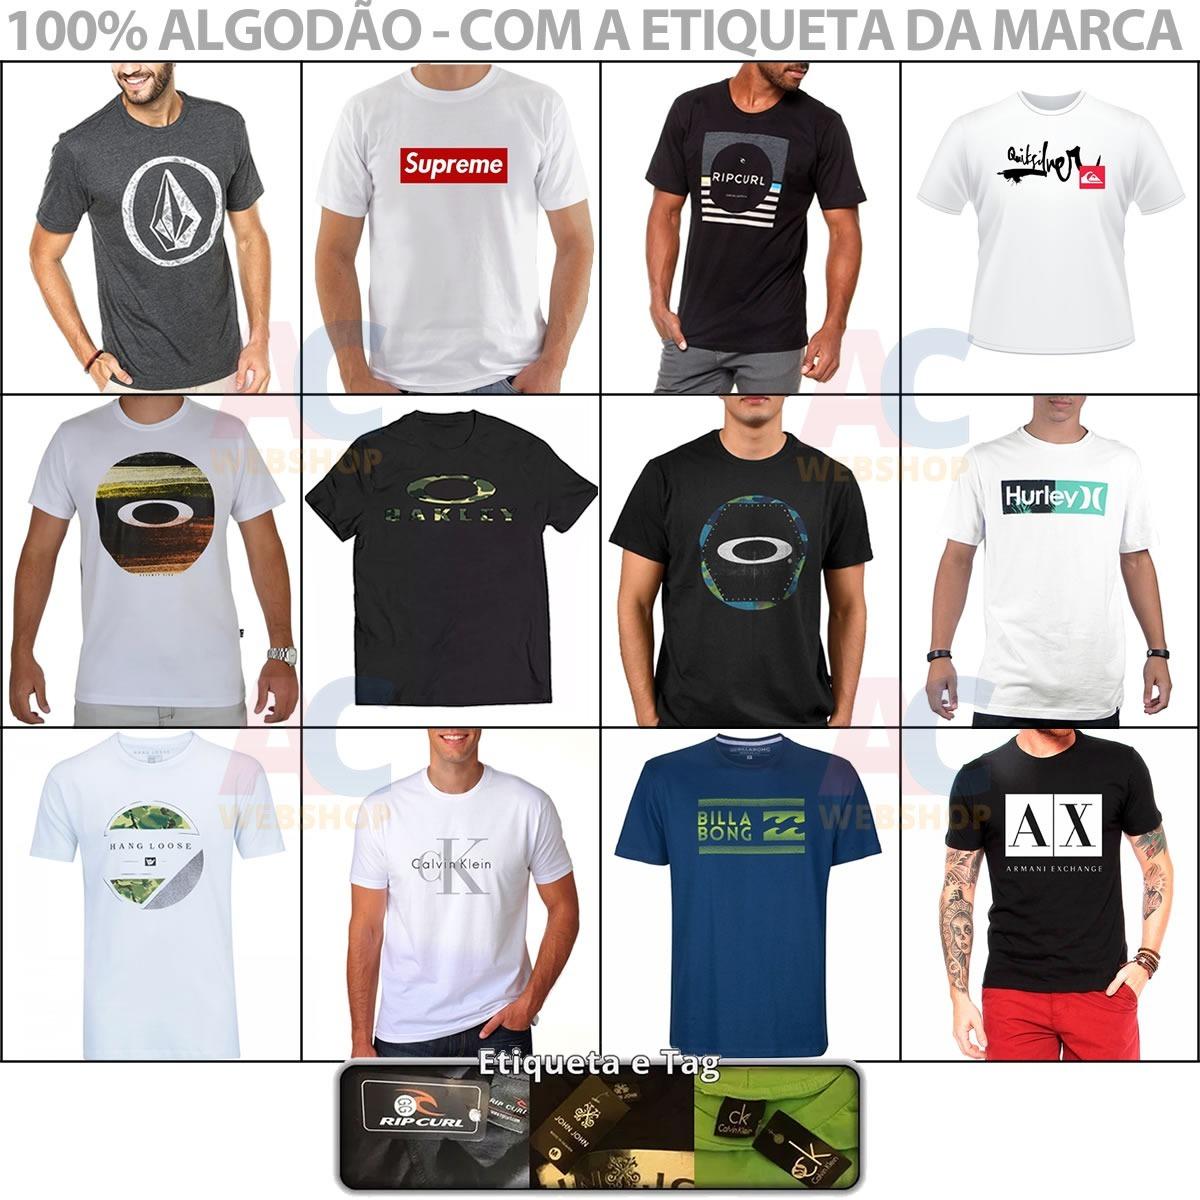 camisas masculinas baratas marcas famosas. Carregando zoom. 3c69dbb049d